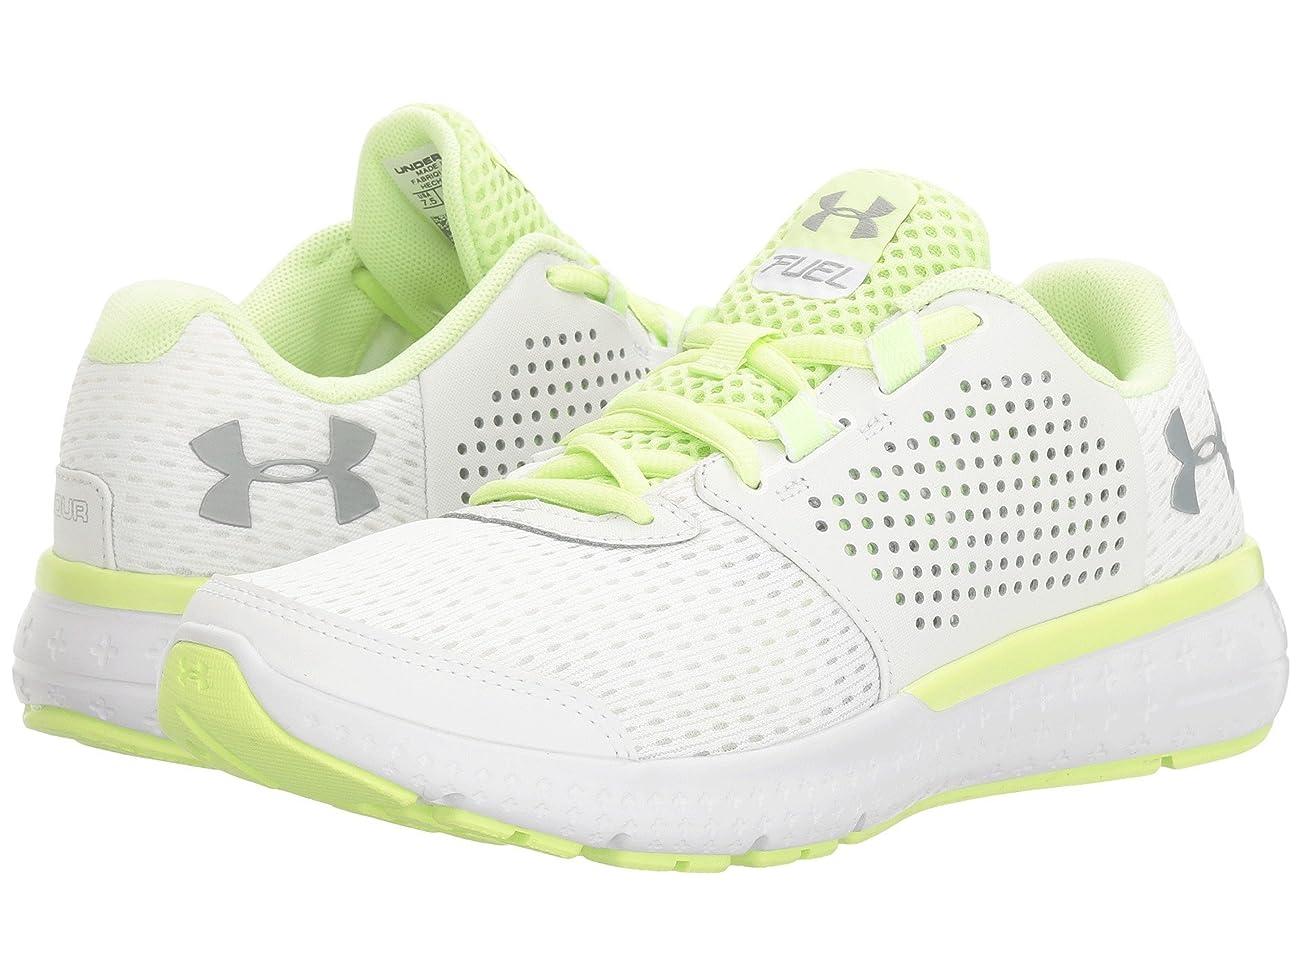 革命その間で出来ている(アンダーアーマー) UNDER ARMOUR レディースランニングシューズ?スニーカー?靴 UA Micro G Fuel RN White/Lime Fizz/Overcast Gray 8 (25cm) B - Medium